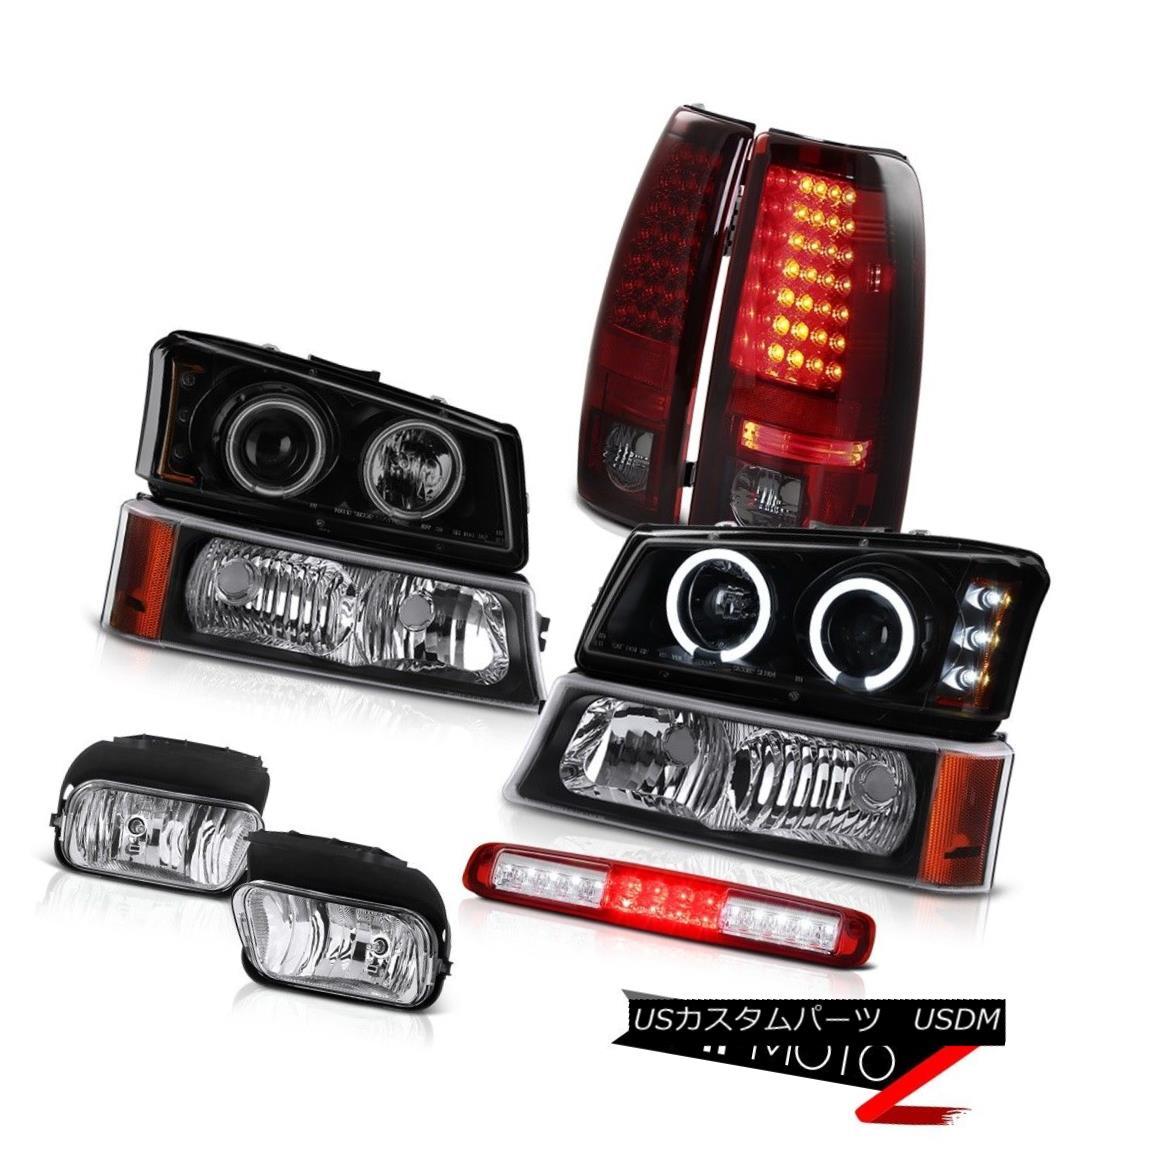 テールライト 03-06 Silverado Foglamps Signal Lamp Roof Cab Headlights Smokey Red Tail Lamps 03-06 Silveradoフォグランプ信号ランプ屋根キャブヘッドライトスモークテールランプ